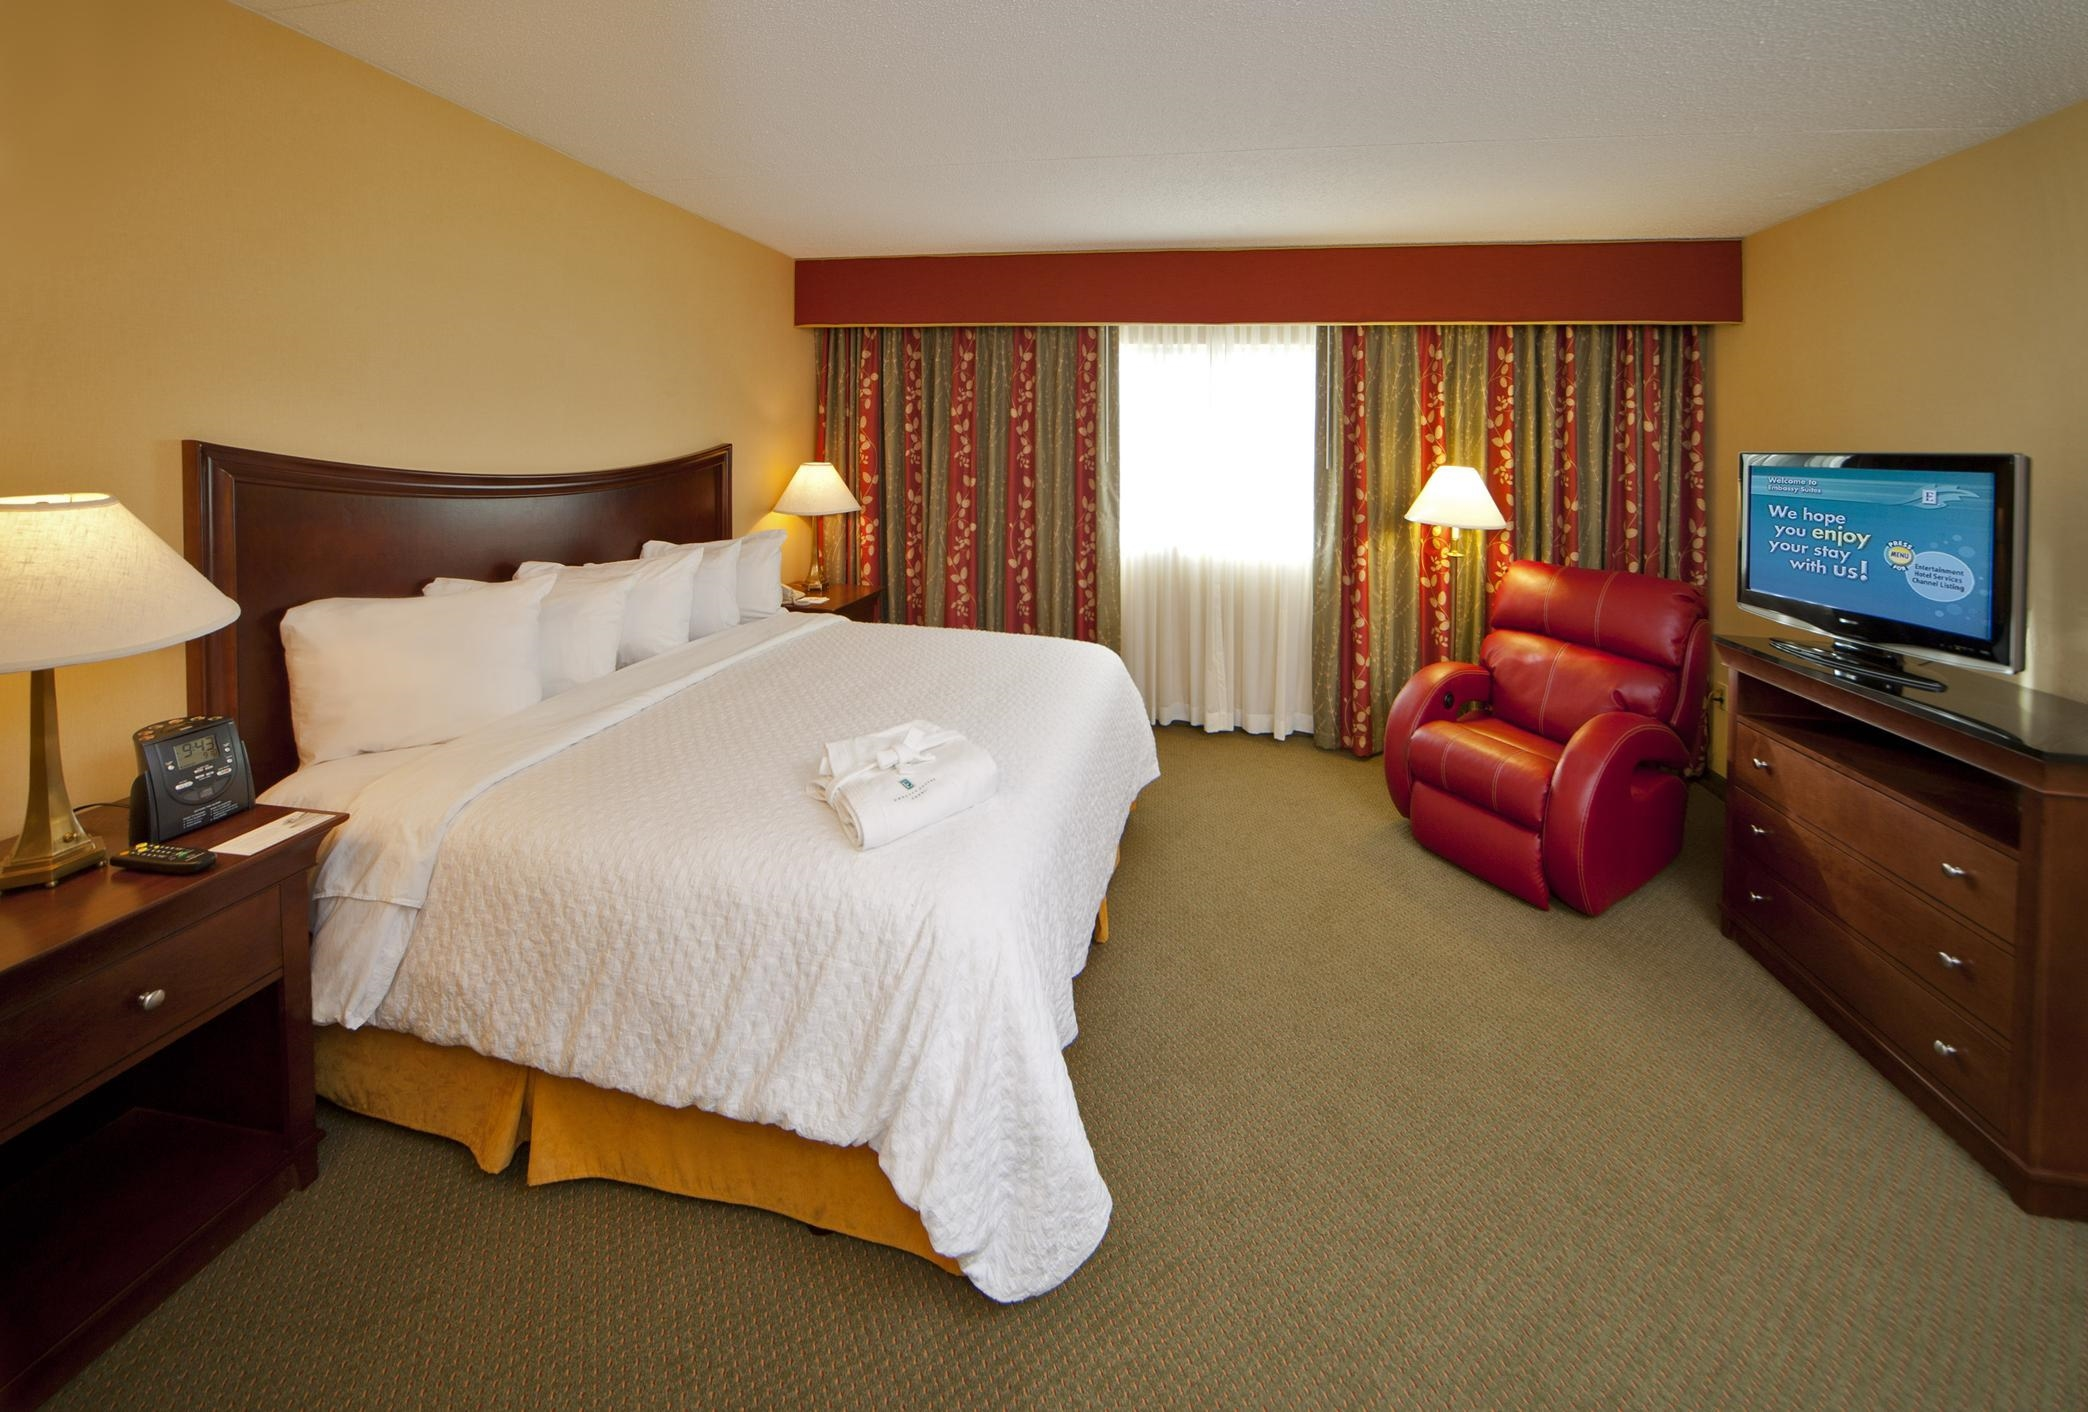 Embassy Suites by Hilton Detroit Troy Auburn Hills image 28